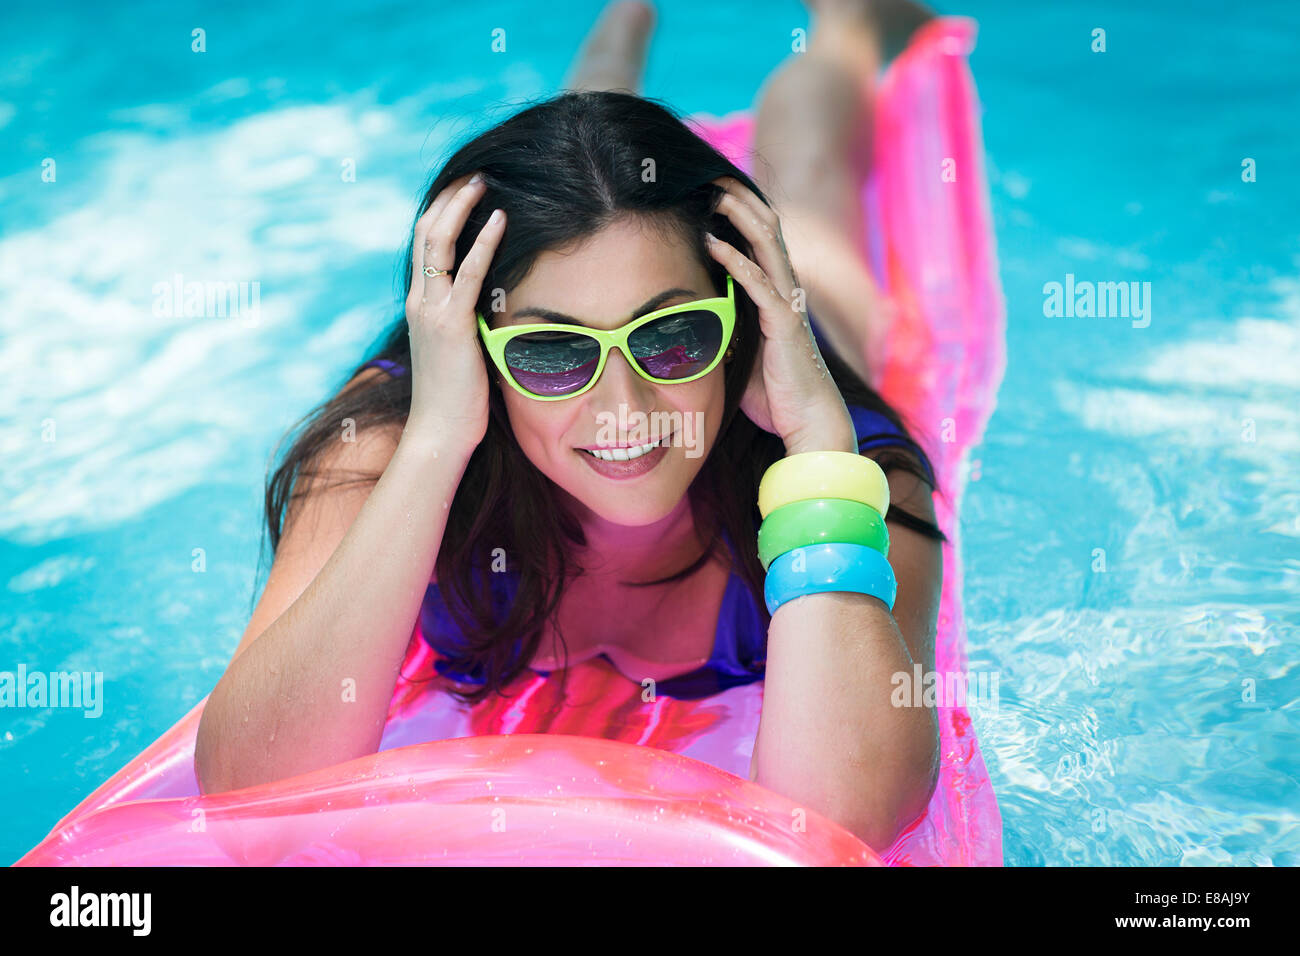 Porträt der jungen Frau auf Luftmatratze im Pool Sonnenbaden Stockbild